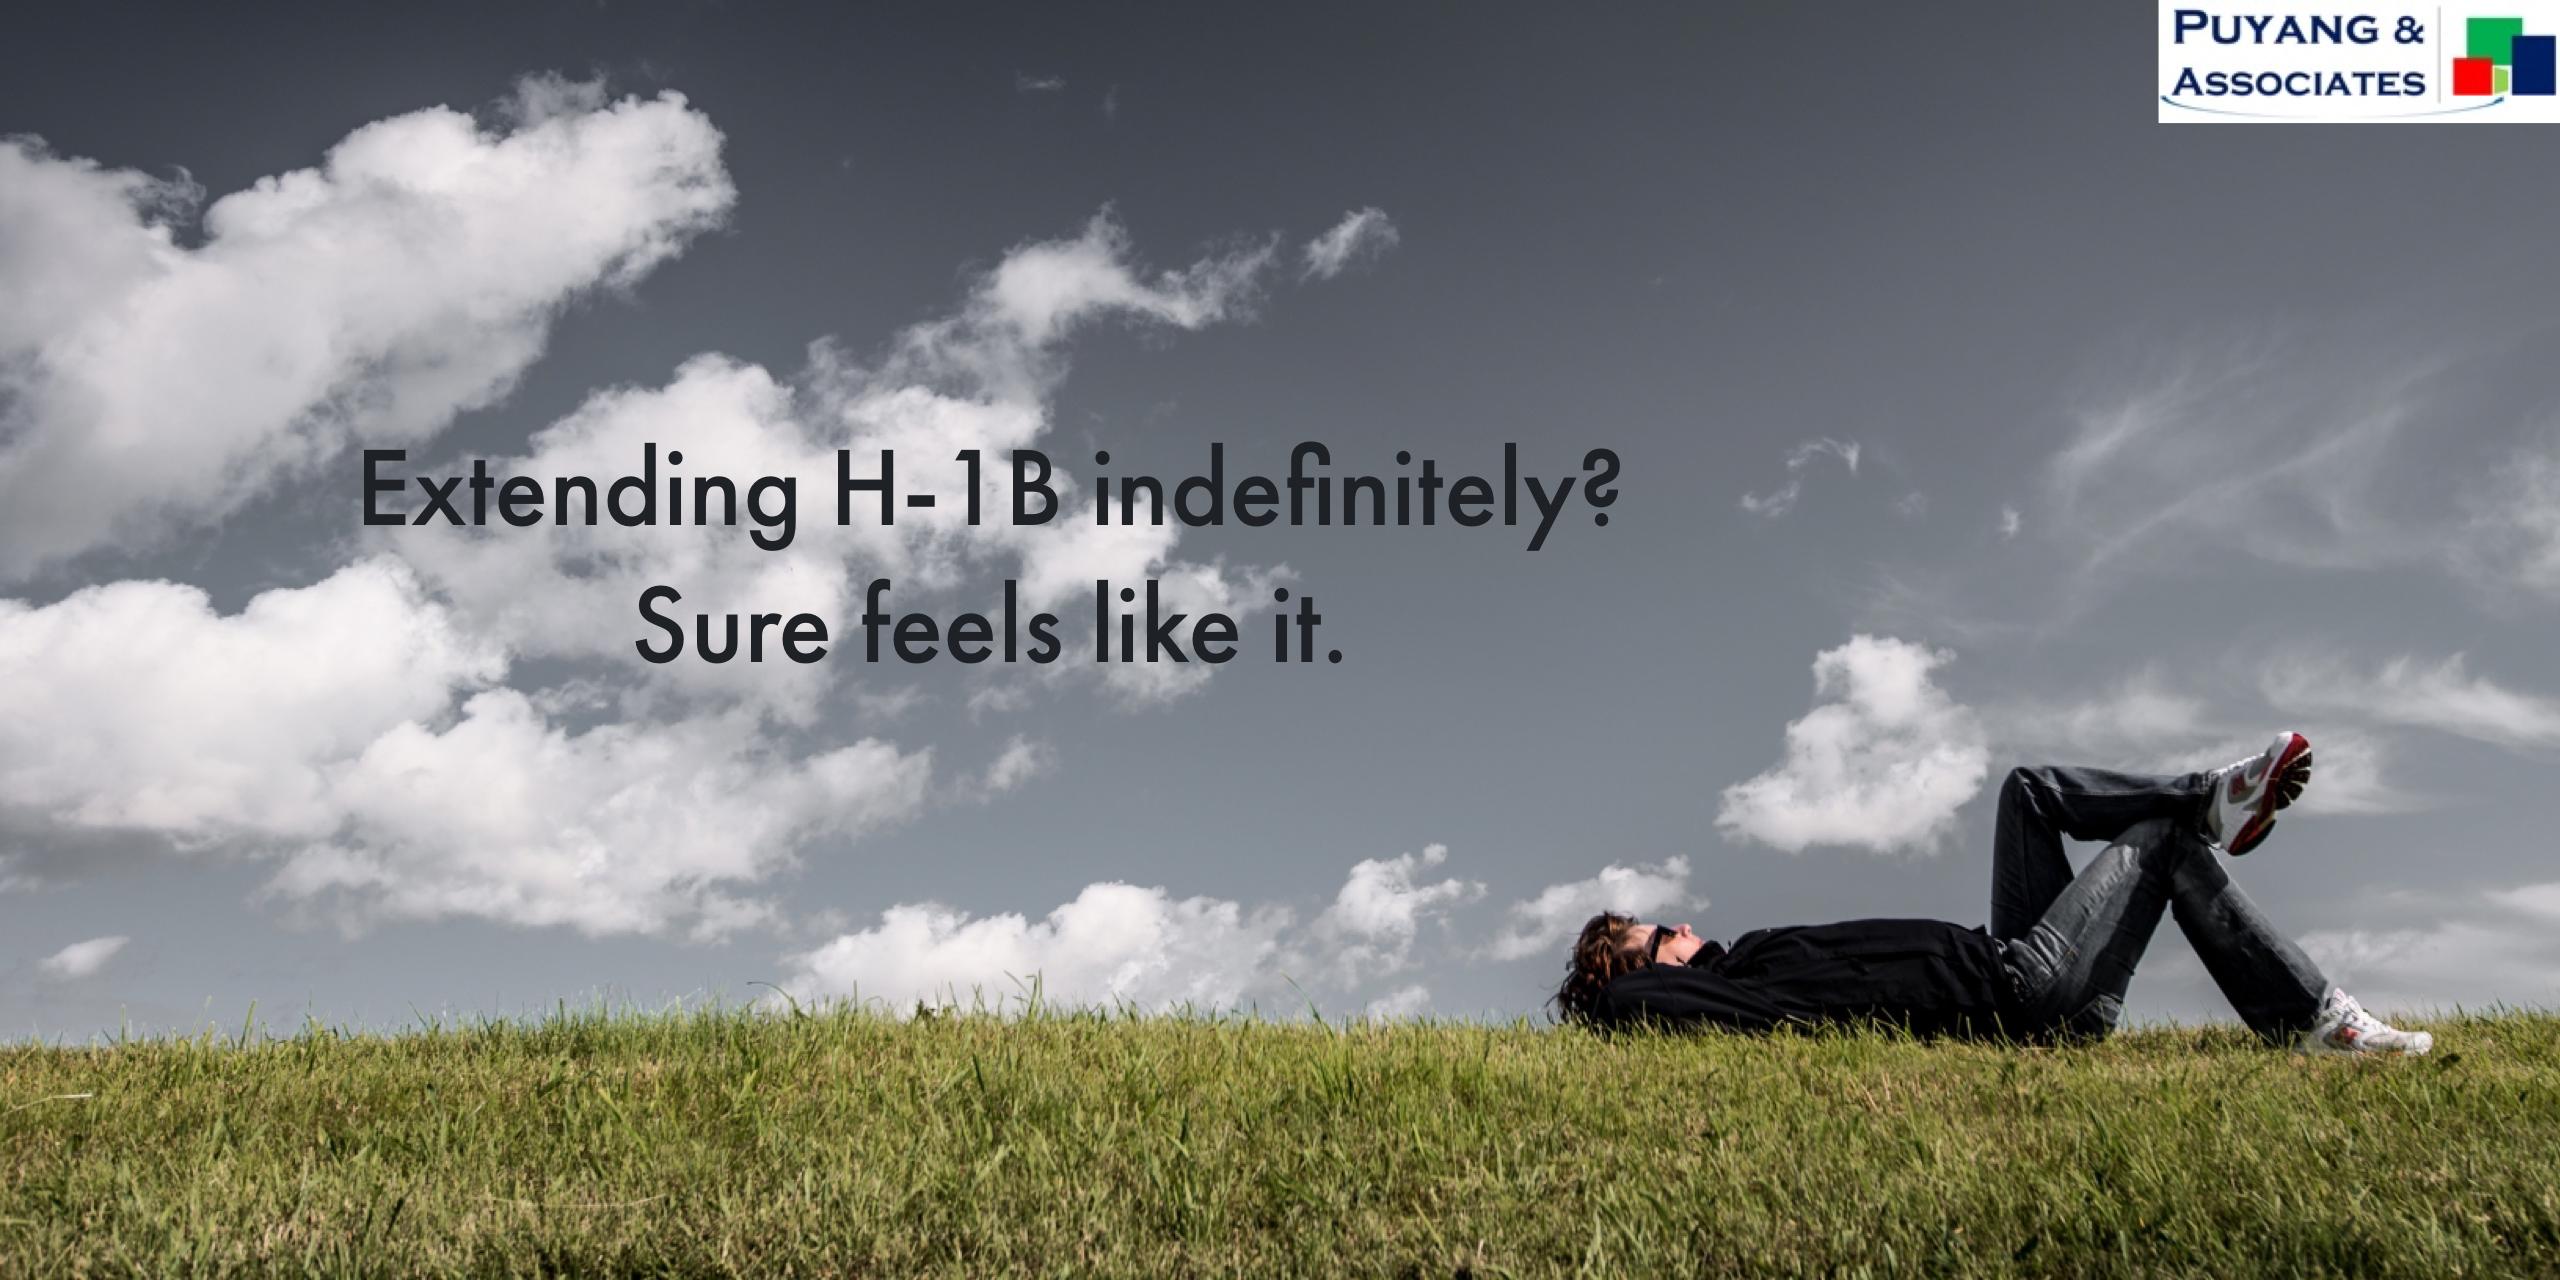 Perpetual H-1B? Almost